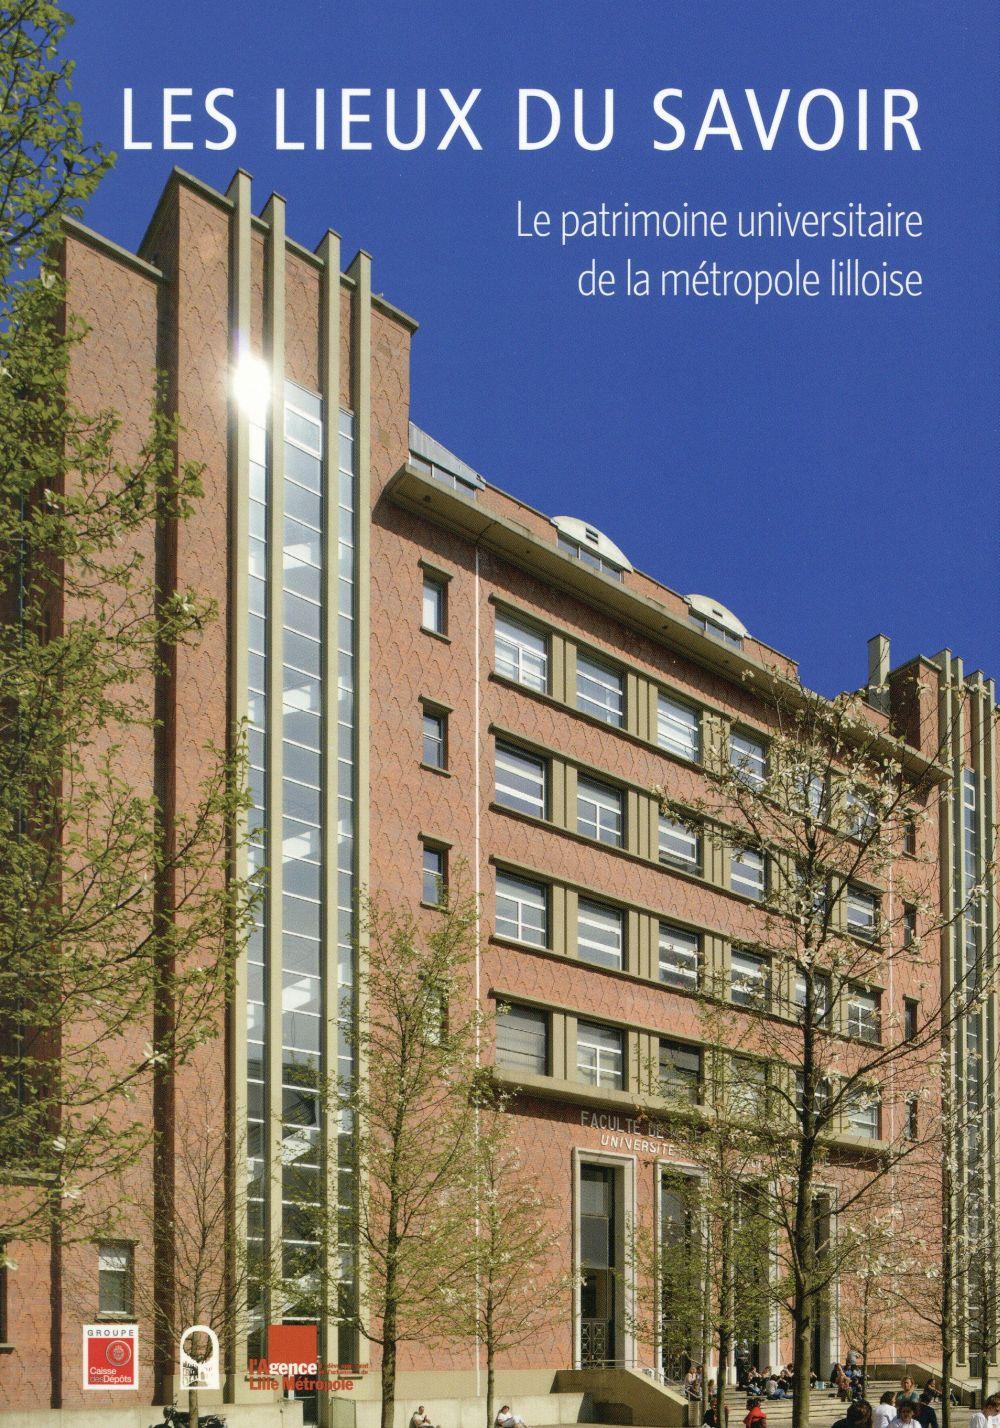 LES LIEUX DU SAVOIR - LE PATRIMOINE UNIVERSITAIRE DE LA METROPOLE LILLOISE